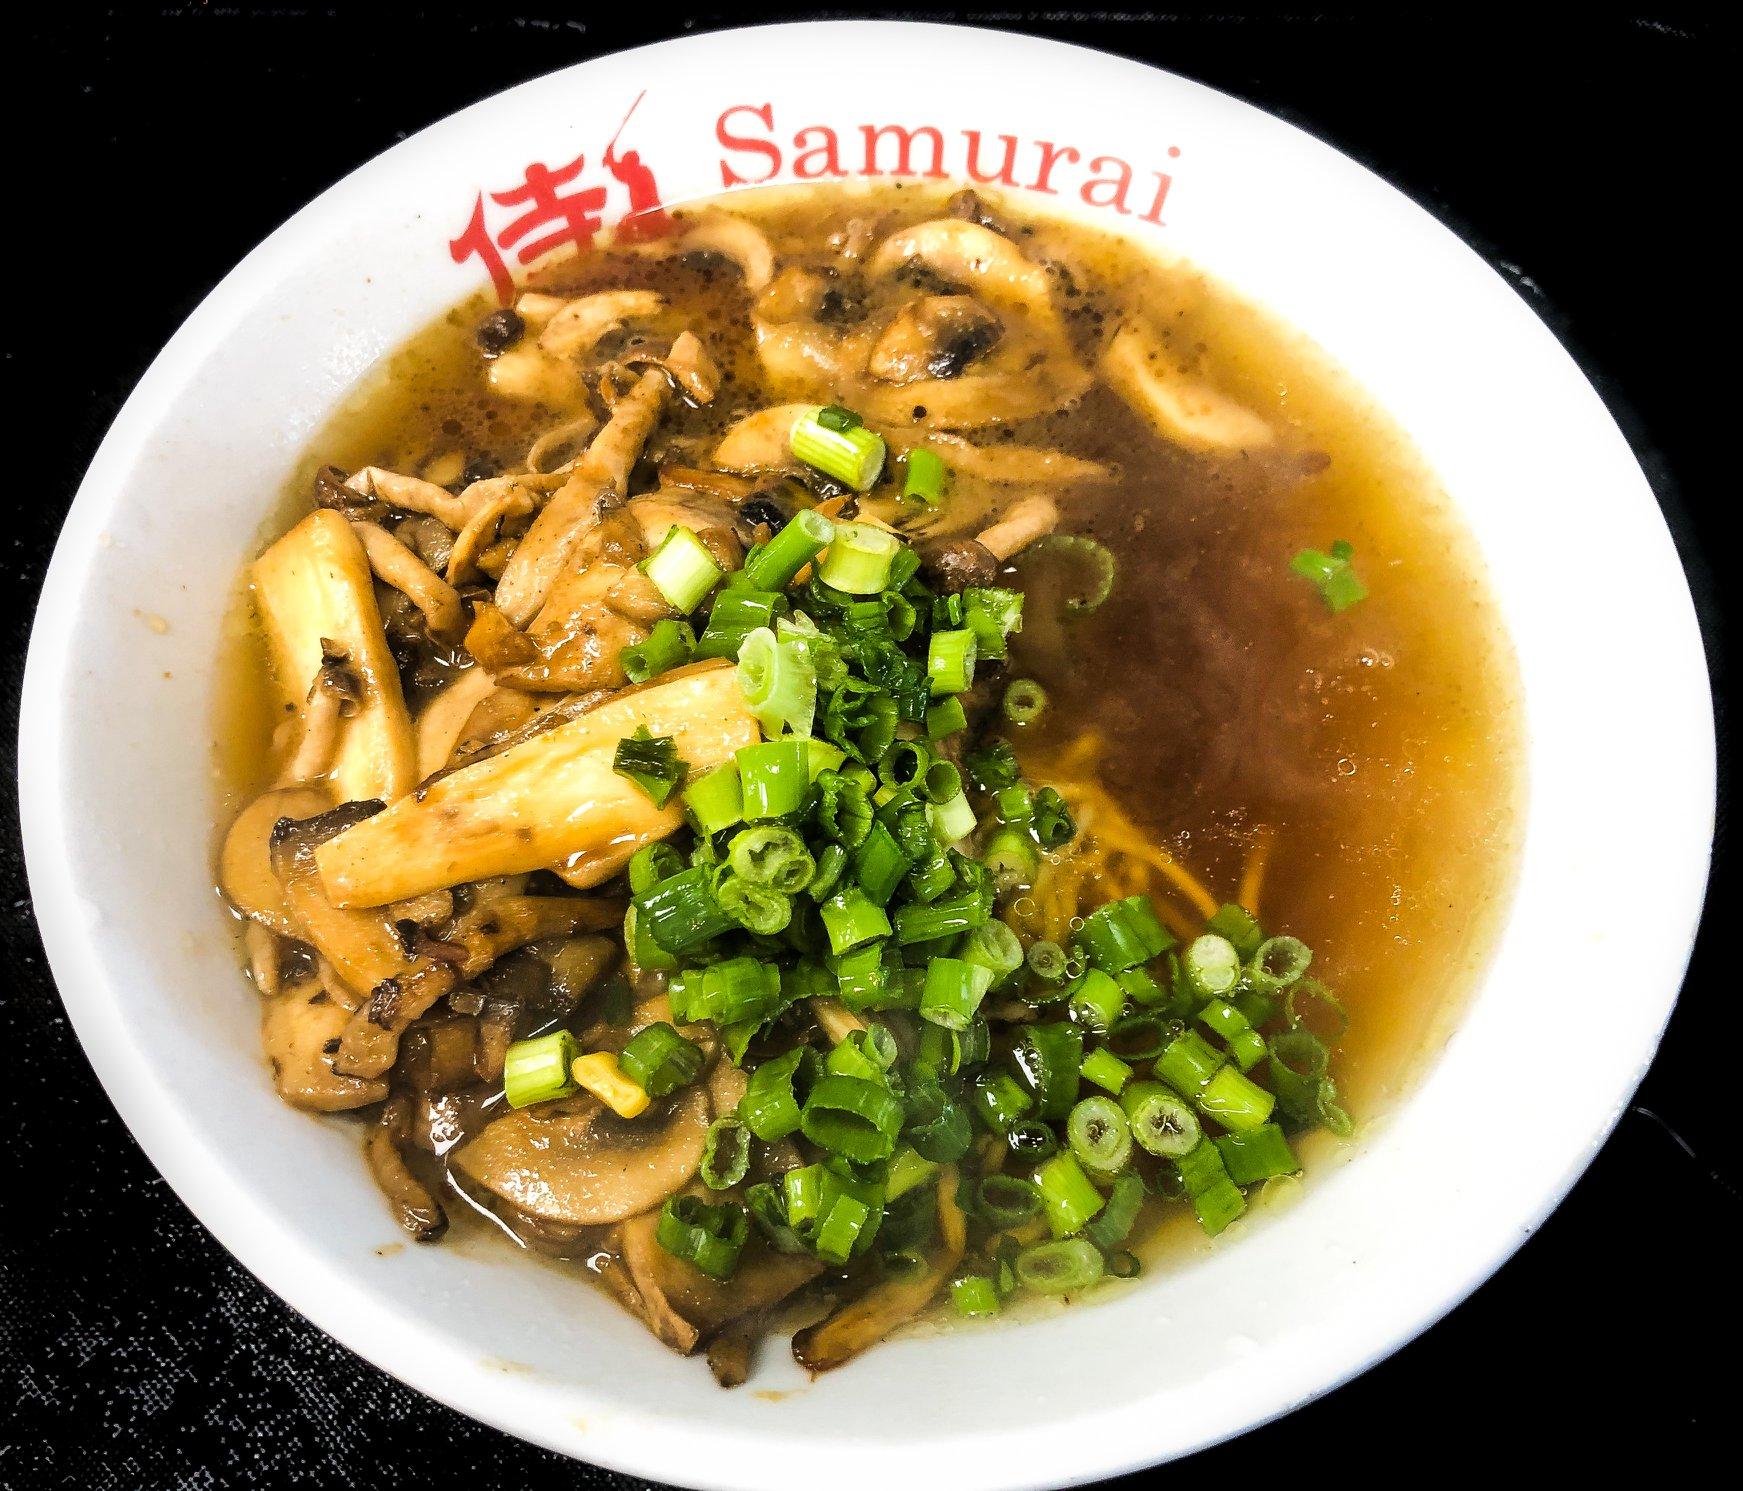 Kinoko Shouyu Ramen at Samurai Noodle